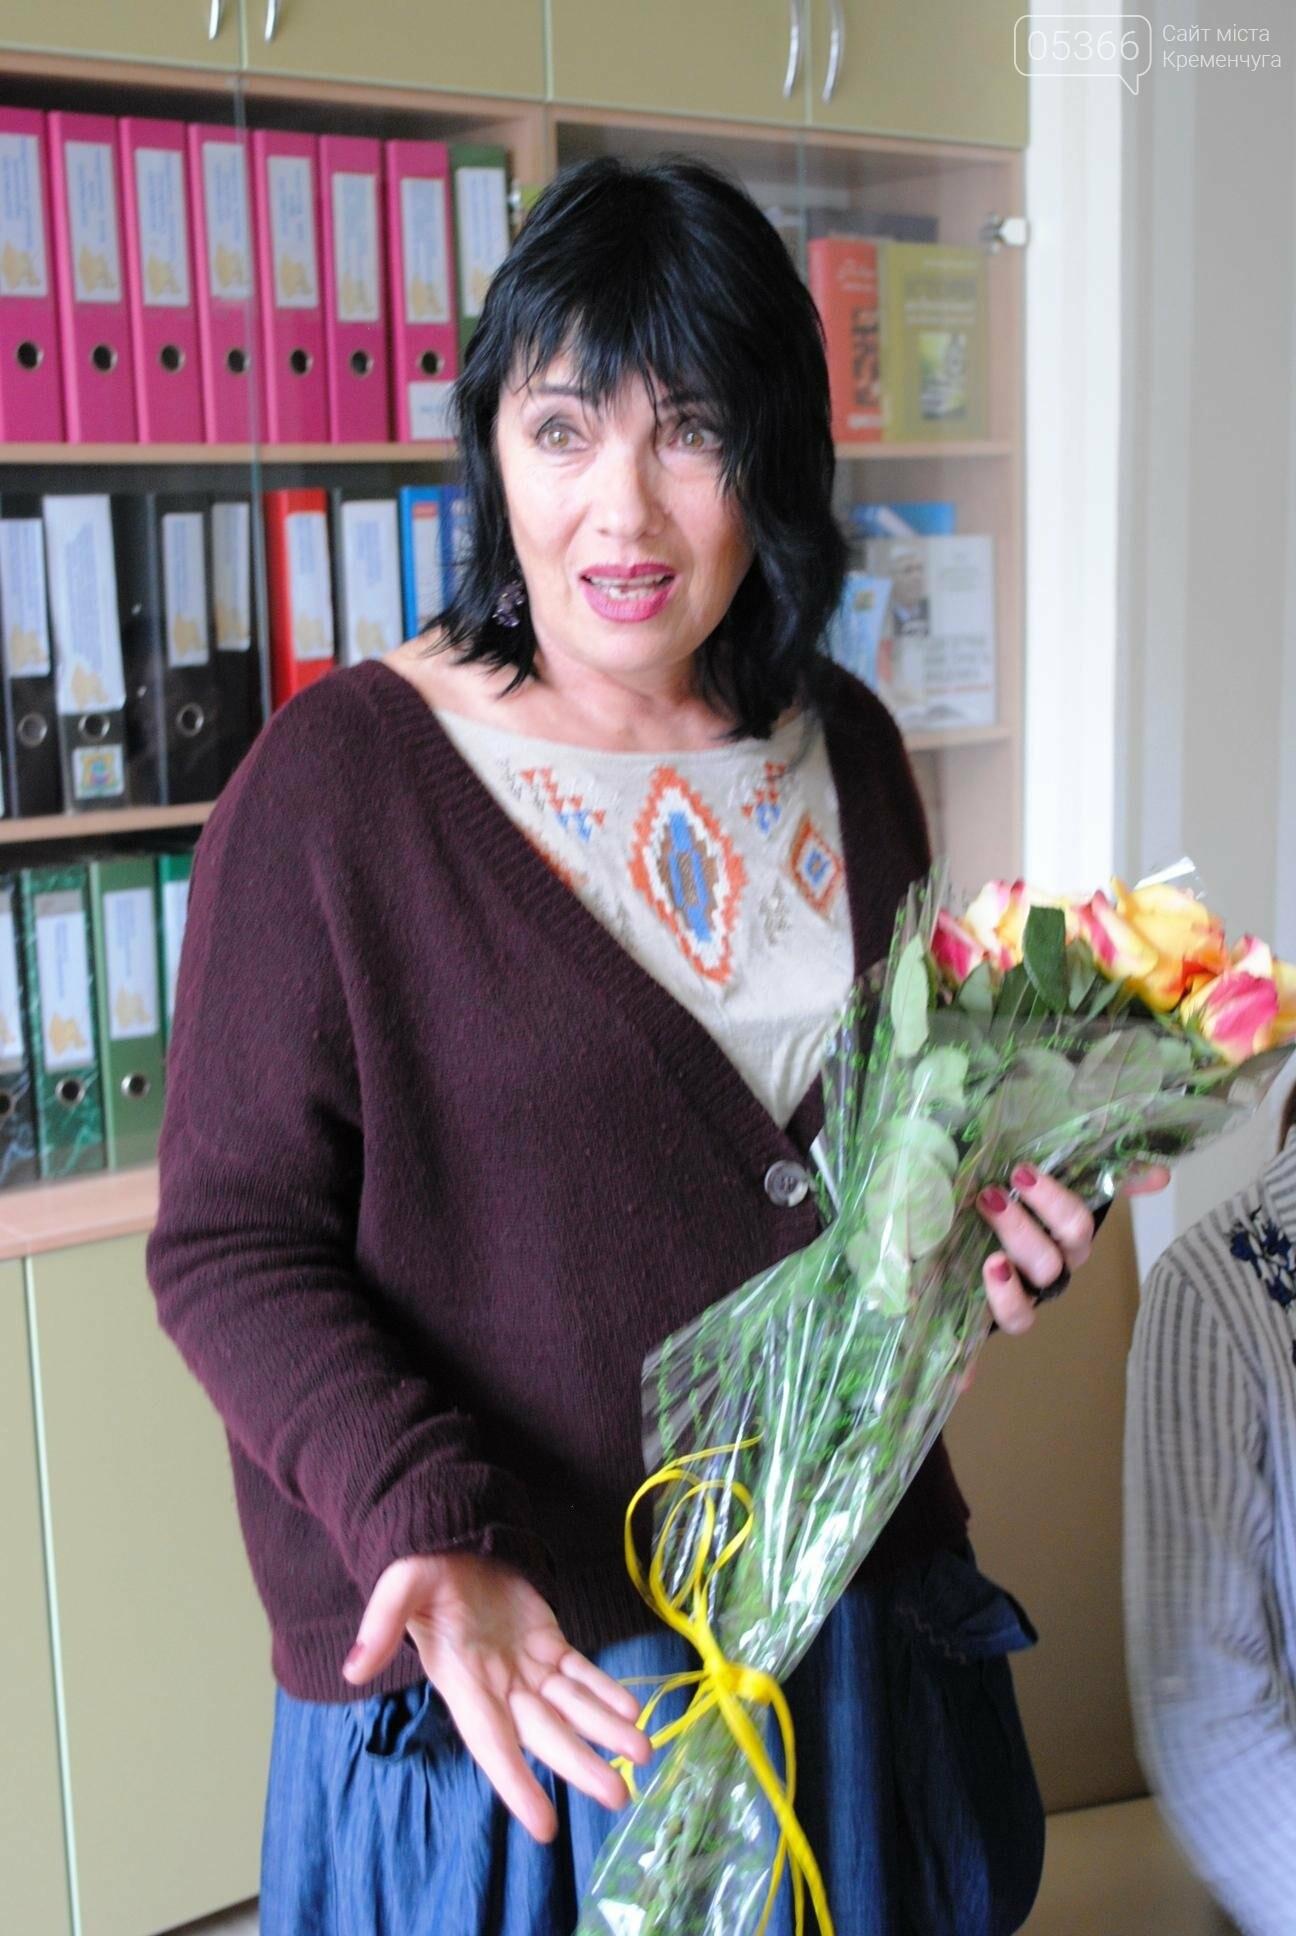 Лучший подарок для учителя - признание и любовь учеников (ФОТО), фото-2